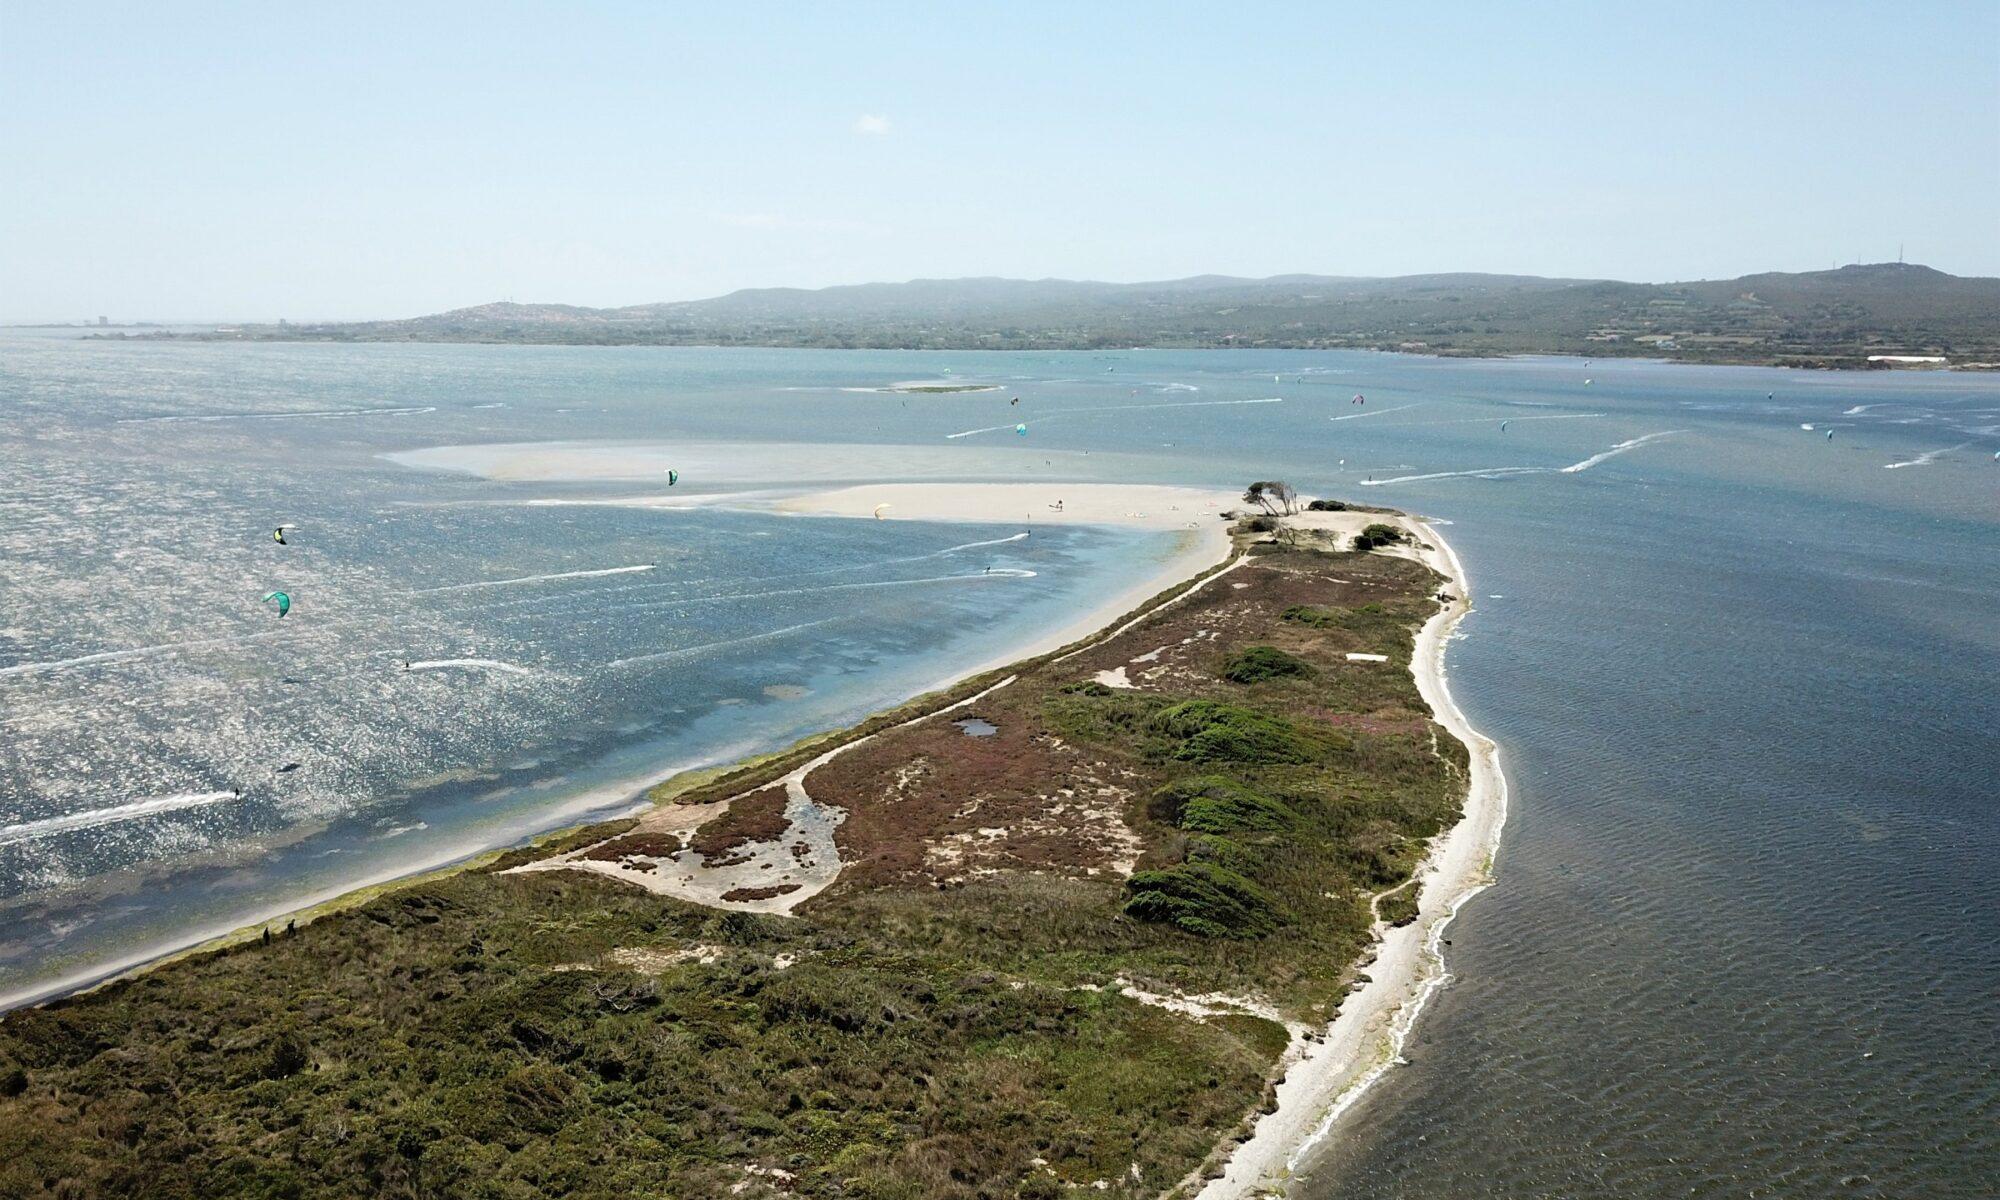 Kite Punta Trettu Sardegna, il famoso kite spot in Sardegna urope